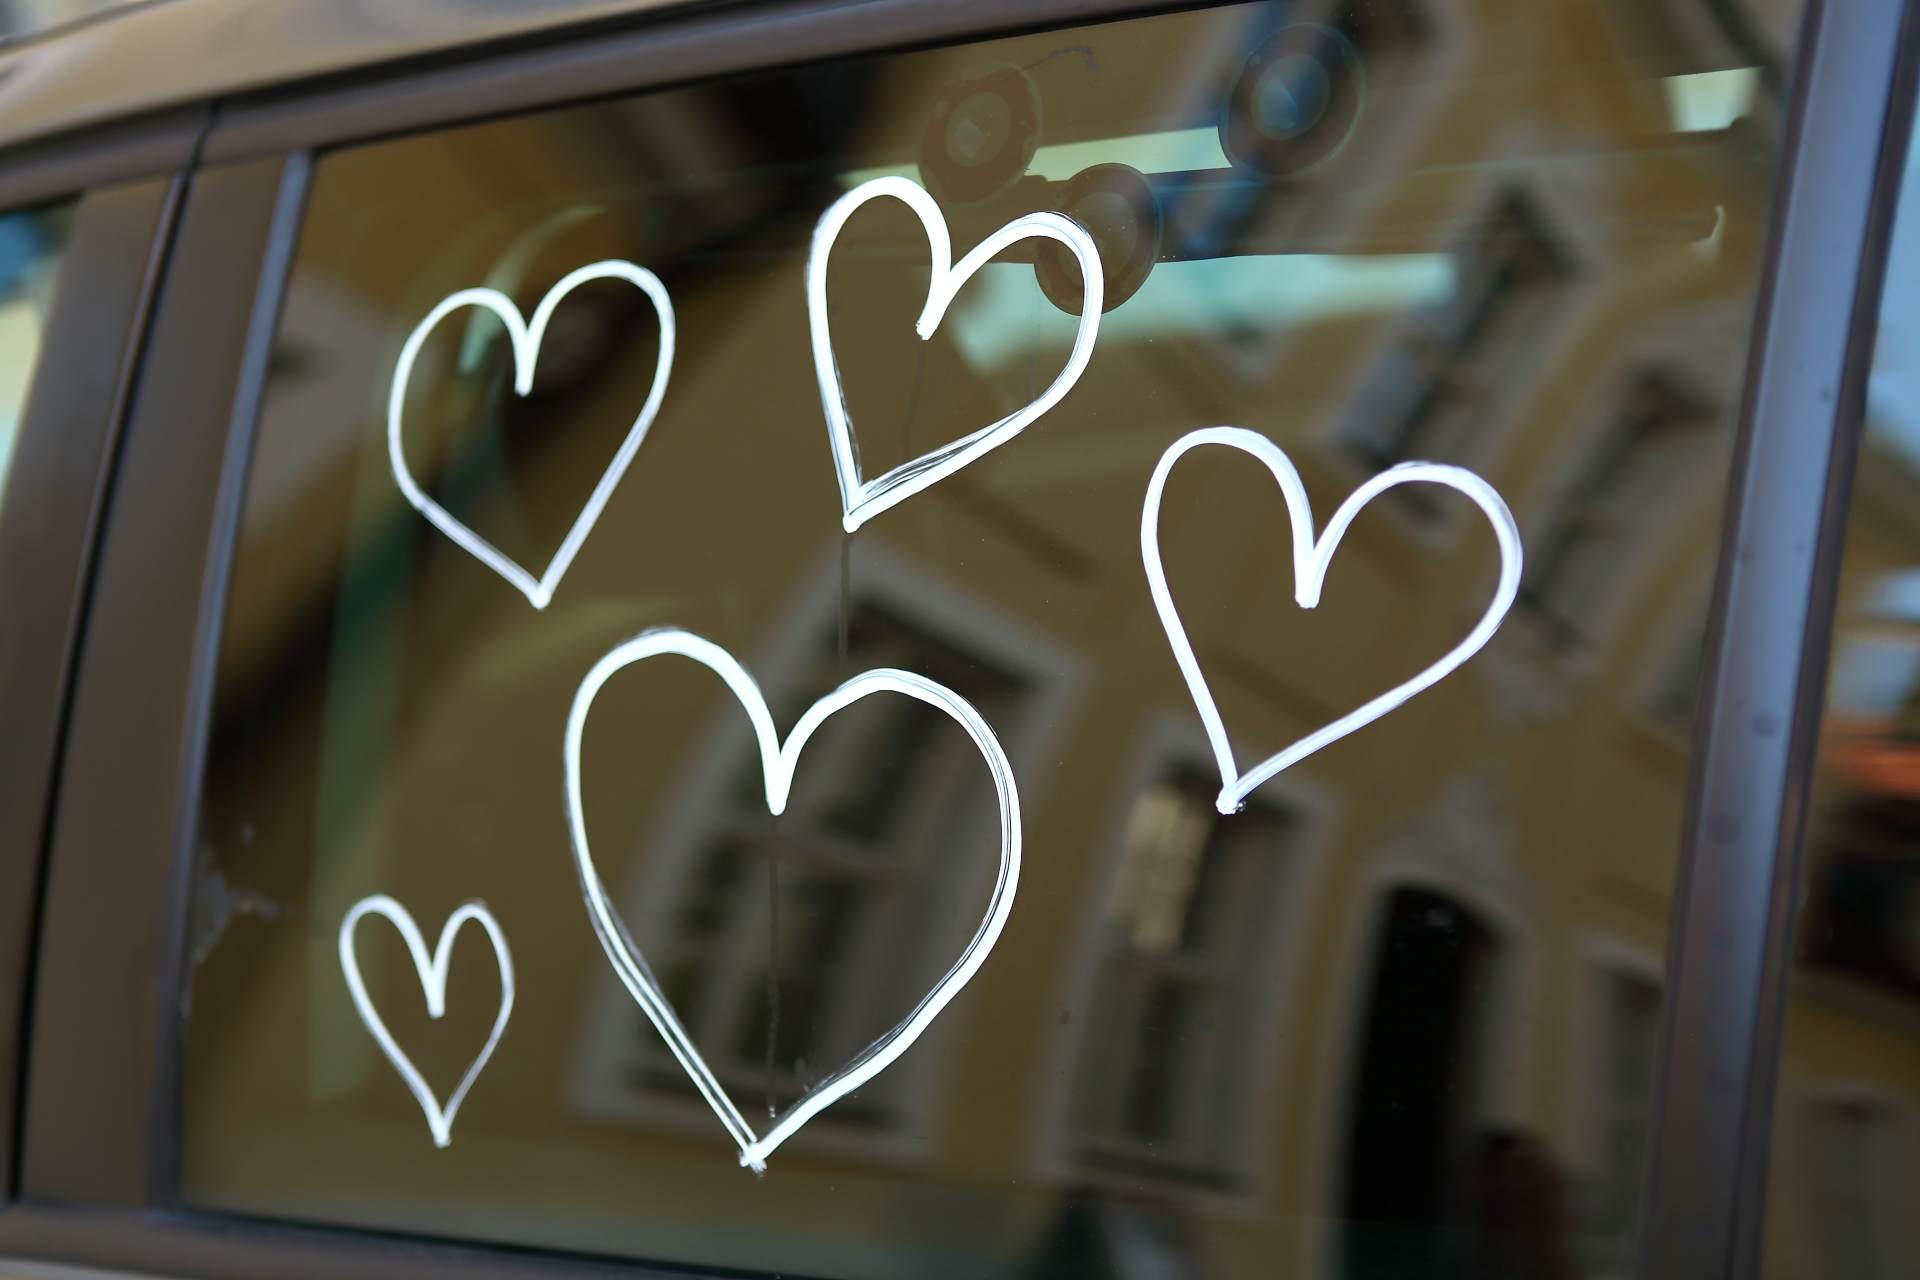 Hochzeitsfotos in Leipzig - Herzen auf einer Autoscheibe